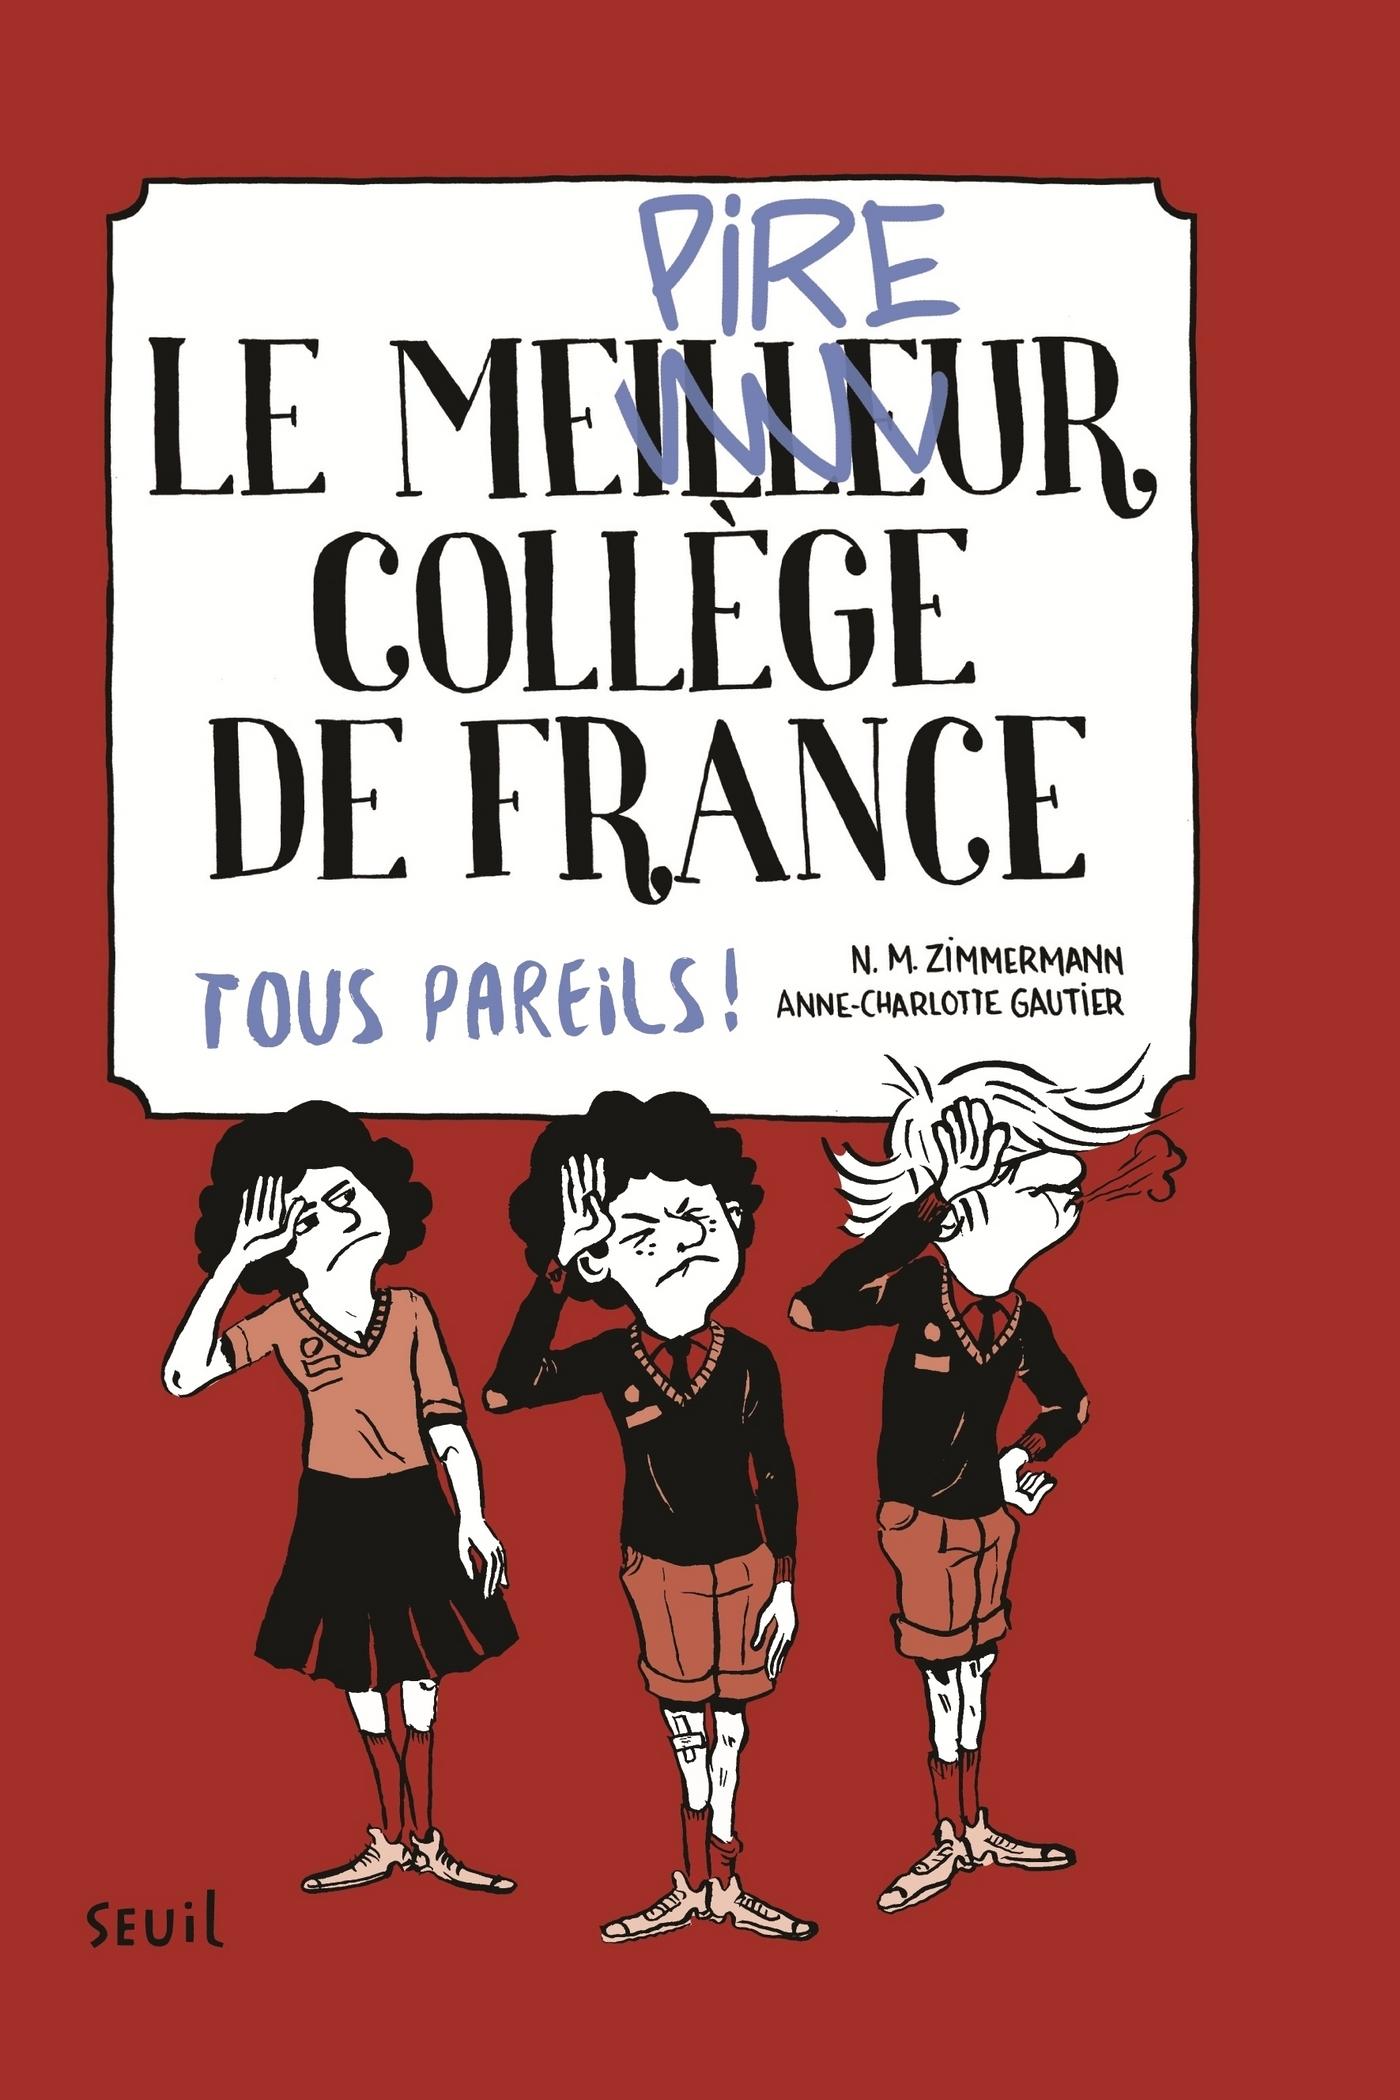 Le Meilleur (pire) collège de France, tome 2. Tous pareils ! | Zimmermann, N. M.